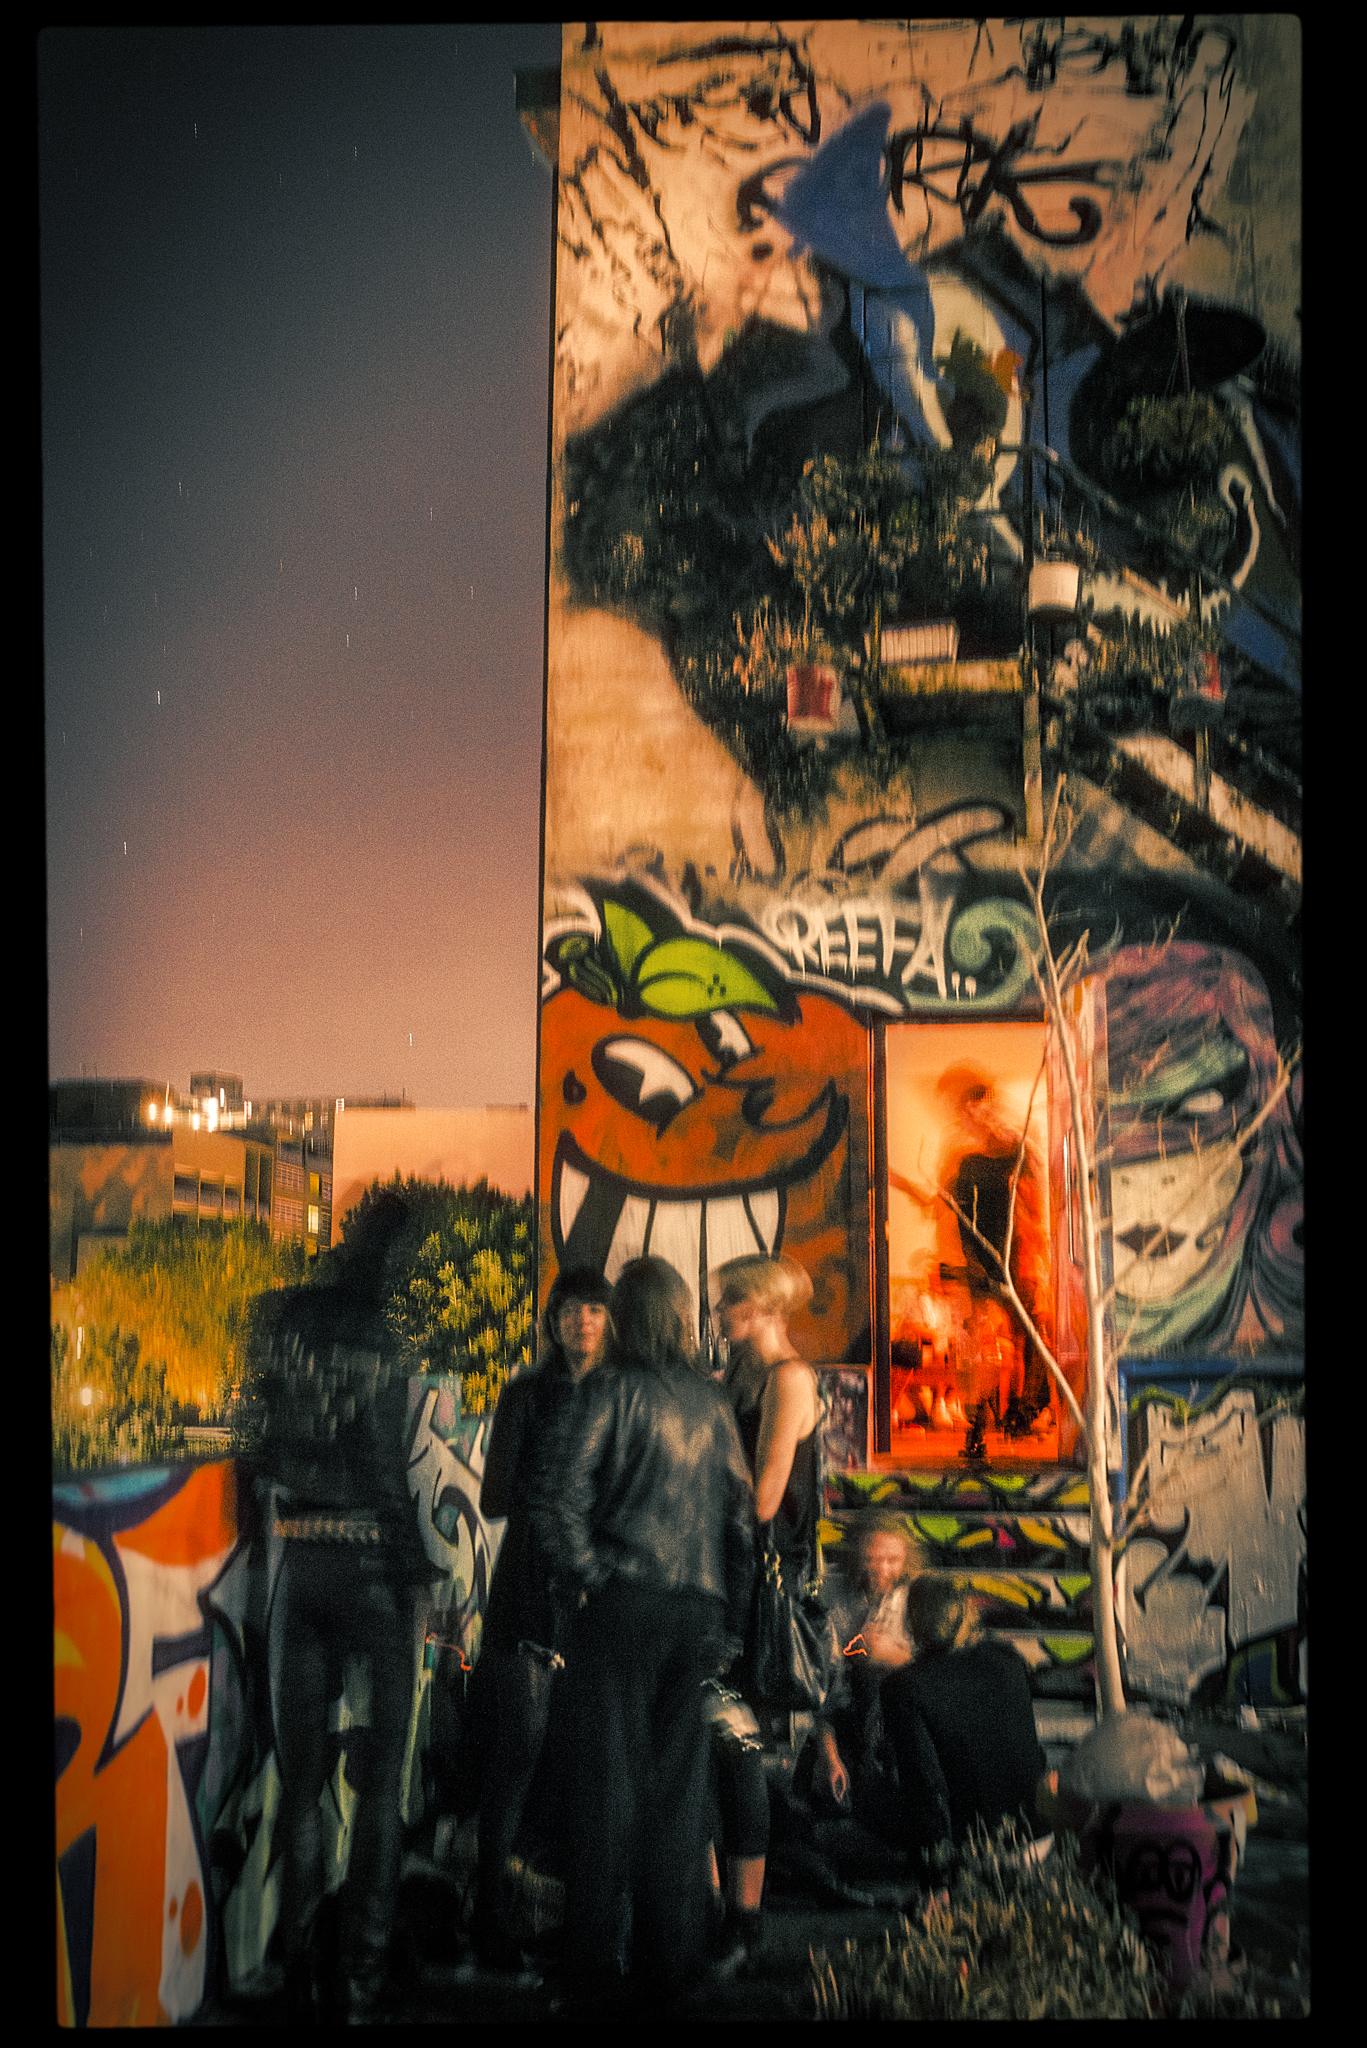 Halloween2013_Tim_da-Rin-62.jpg